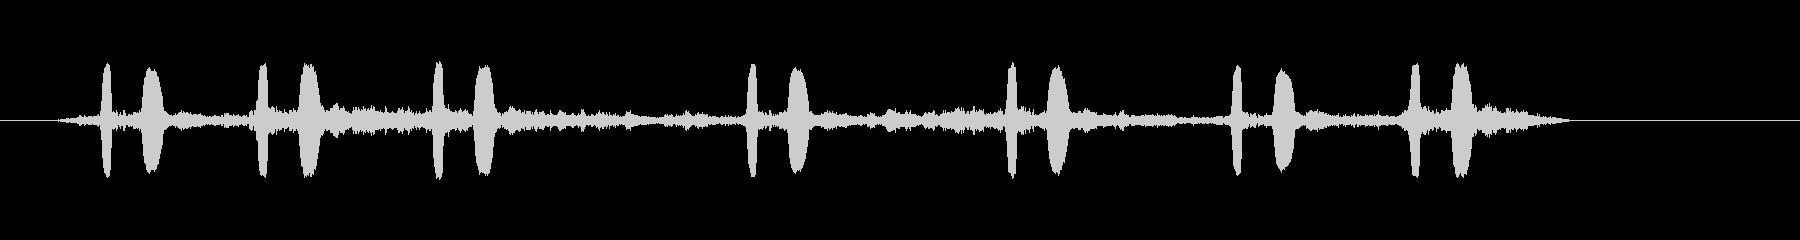 カッコウ2の未再生の波形